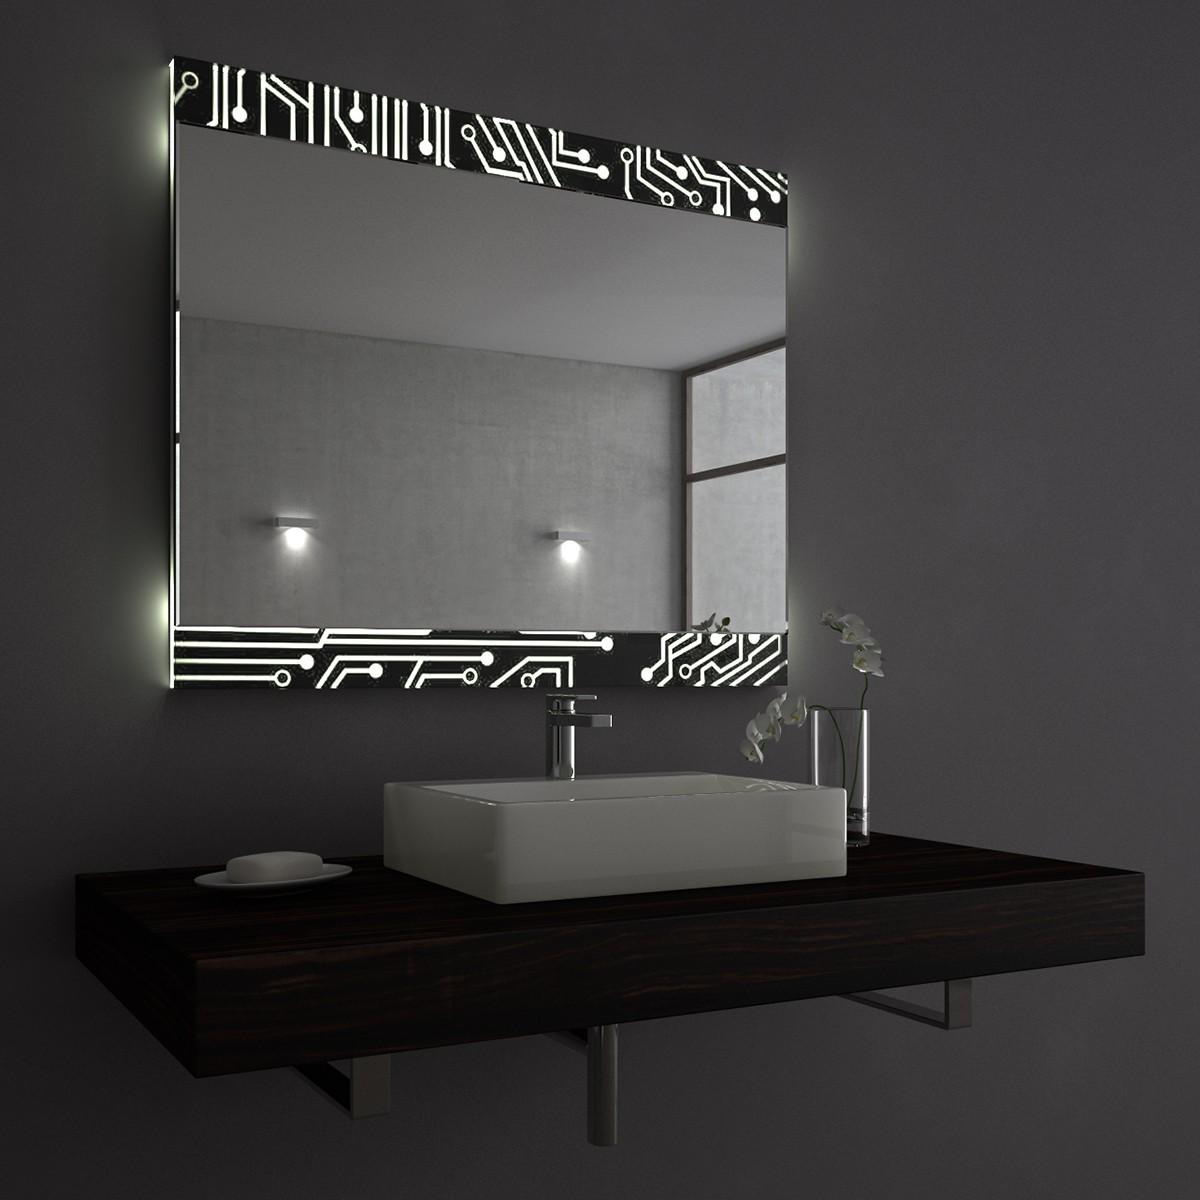 badezimmerspiegel mit licht electric oben und unten led 9000524. Black Bedroom Furniture Sets. Home Design Ideas